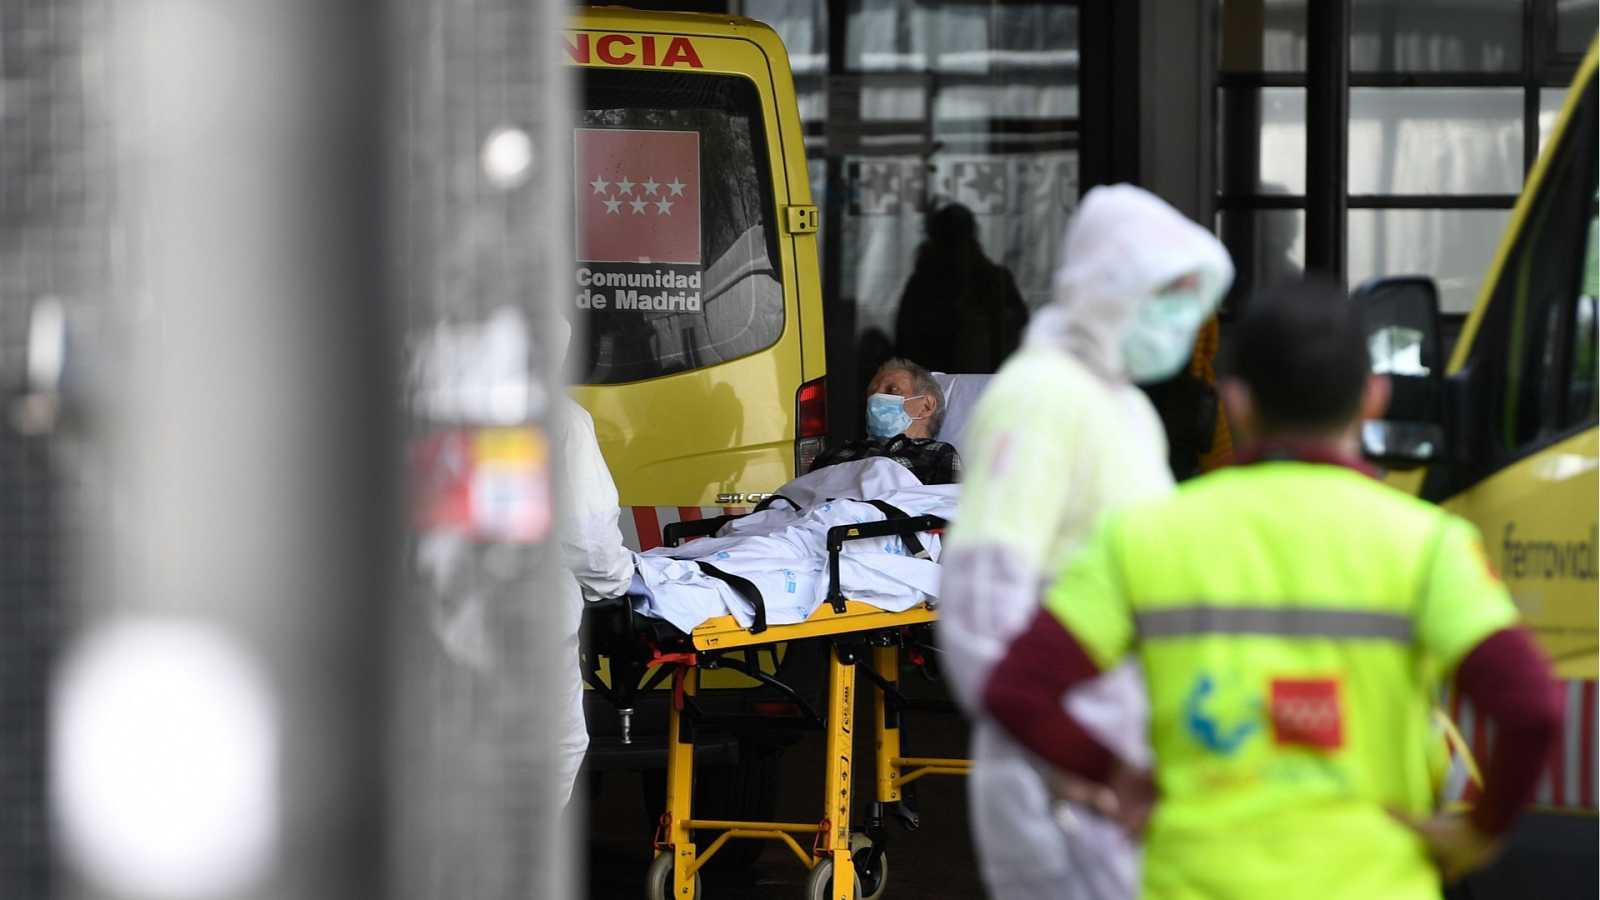 La Policía advierte de que hay pacientes con coronavirus que abandonan el hospital sin que se les haya dado el alta